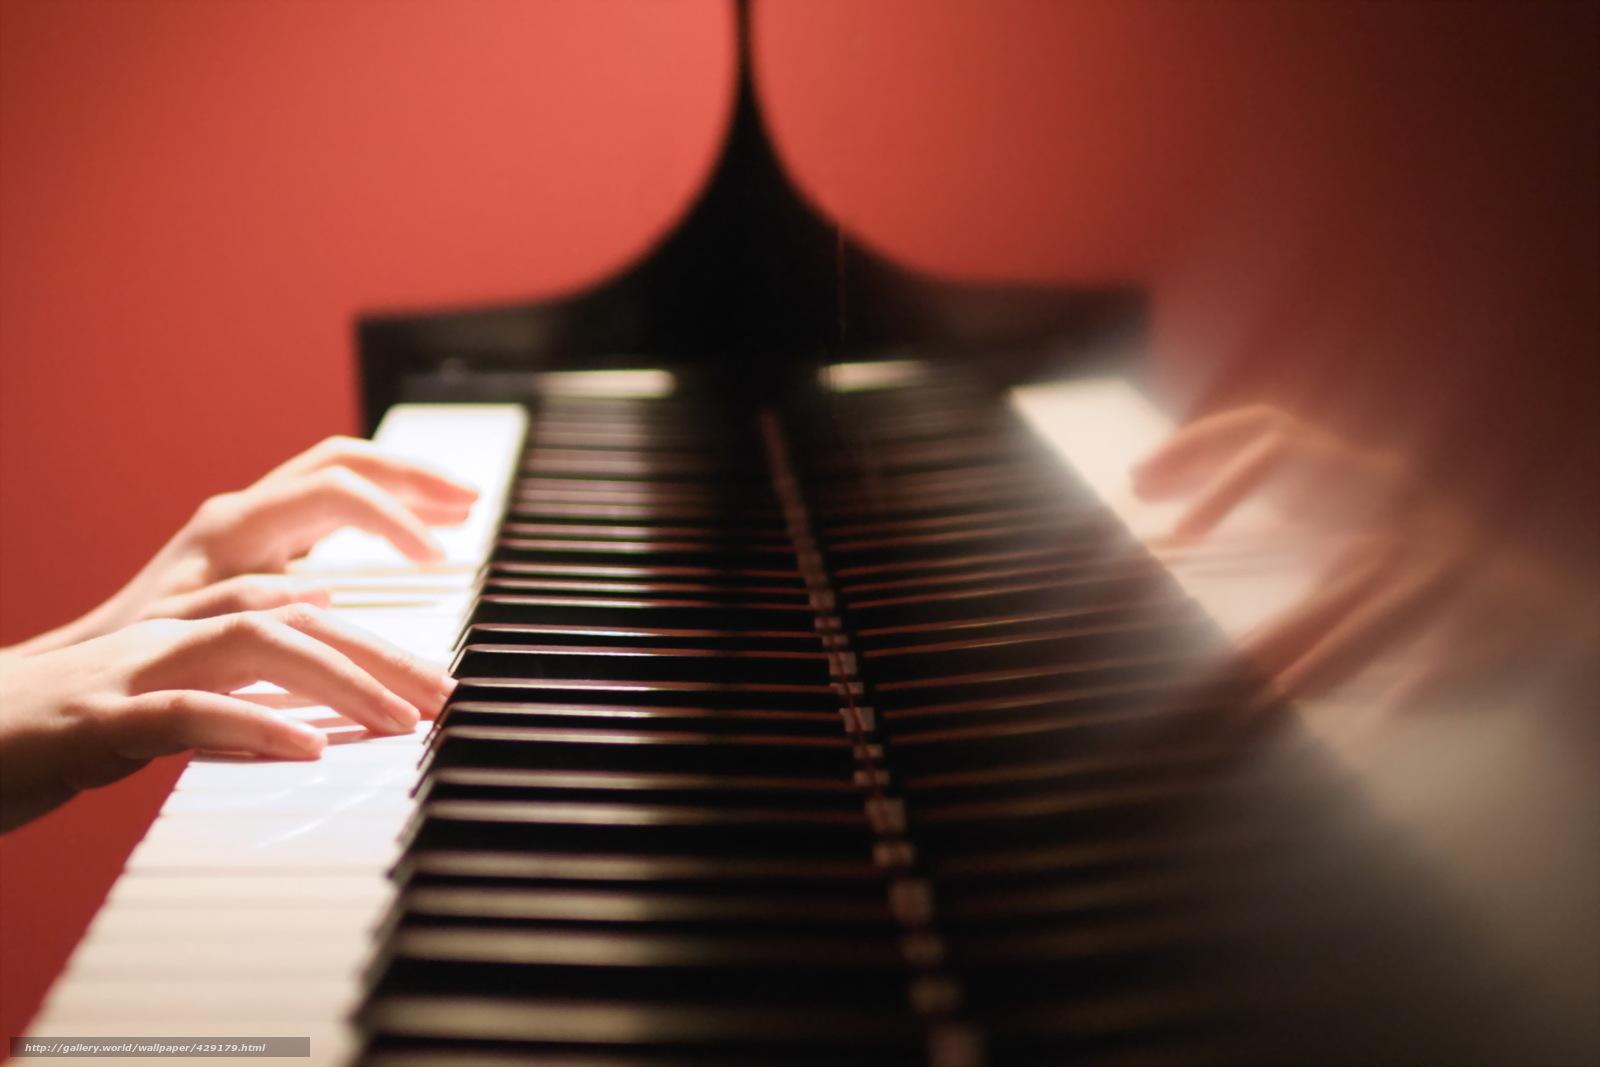 壁紙をダウンロード ピアノ 手 音楽 デスクトップの解像度のための無料壁紙 19x1280 絵